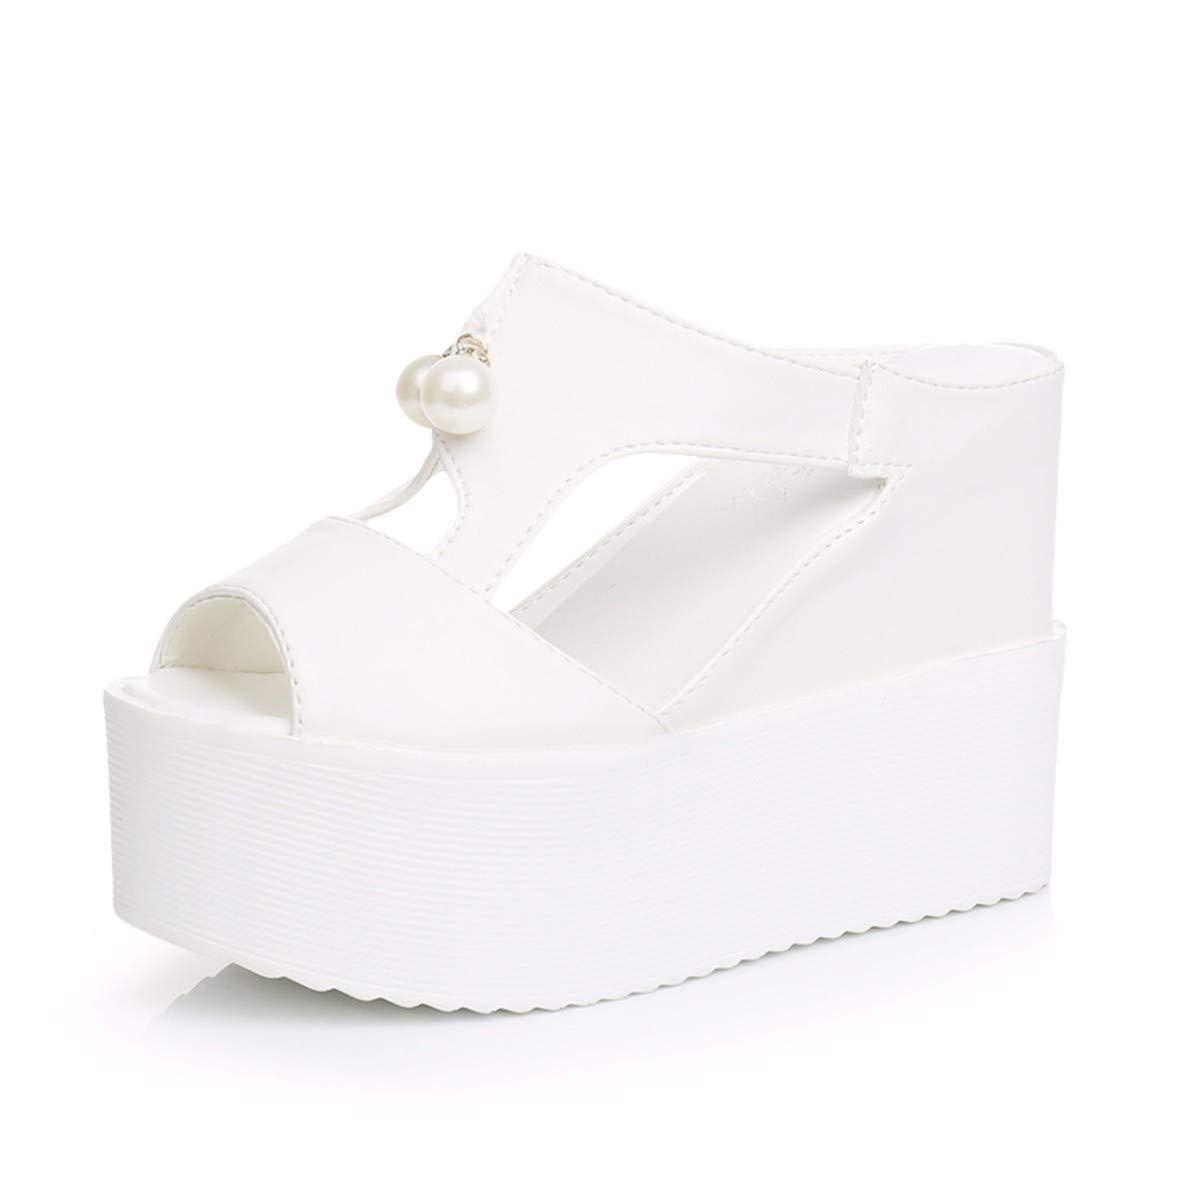 GTVERNH Damenschuhe/Mode/Sommer - Piste Sandaleen Muffin - Fisch Im Mund Kalt Ziehen Modische Außerhalb mit Perlen mit Einem Mädchen Weiße Weißlich - Produkte